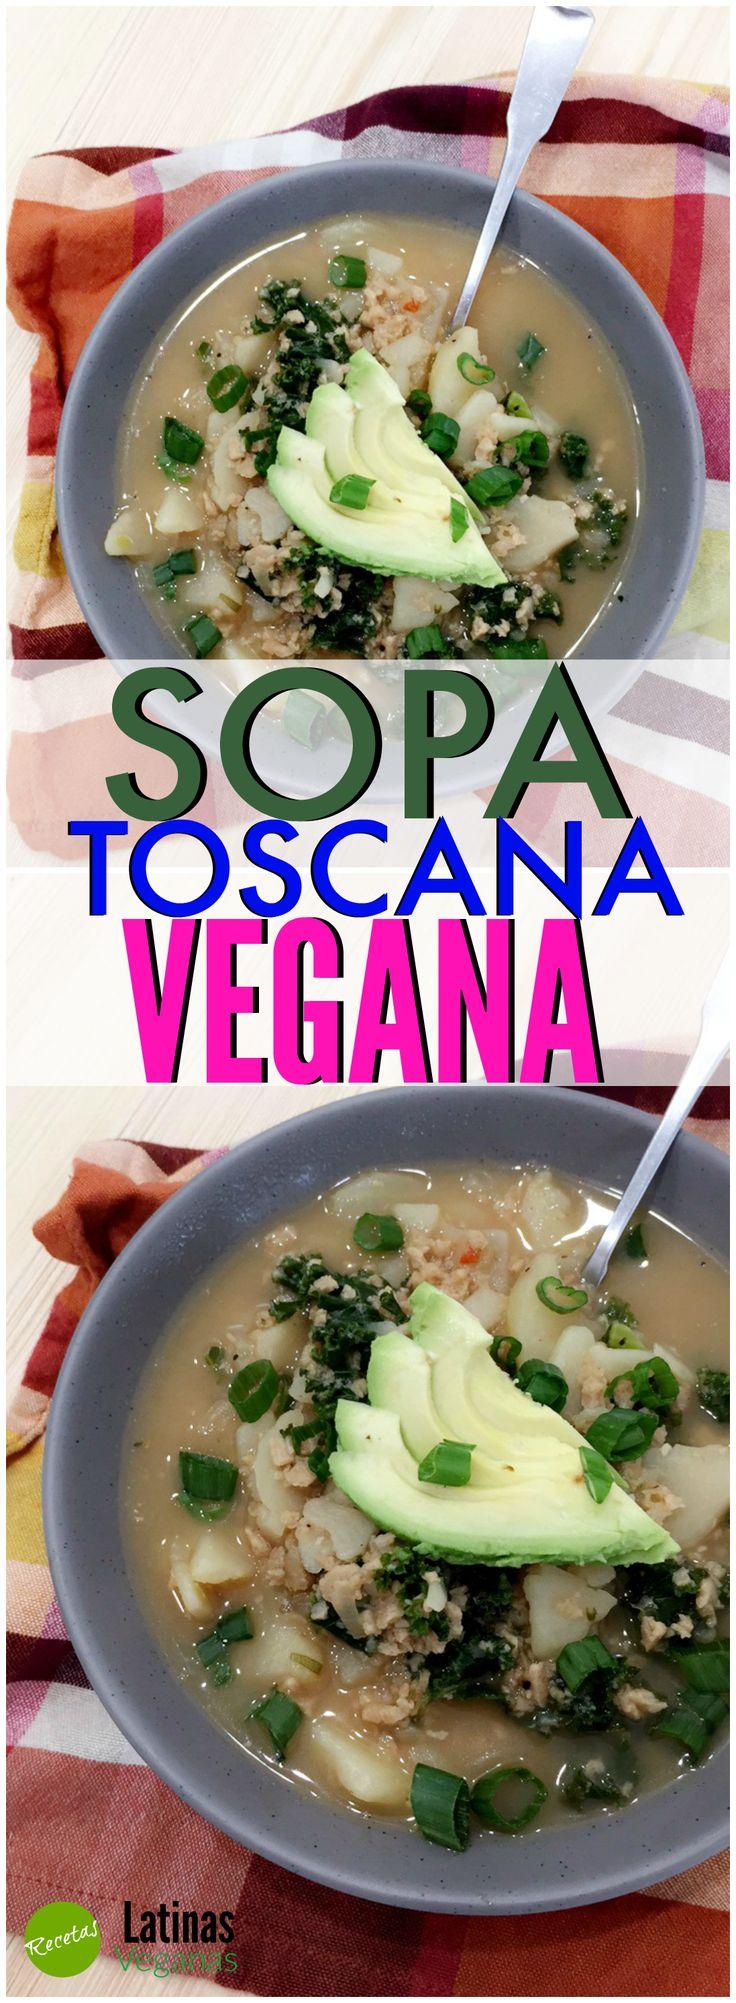 Sopa Toscana Vegana